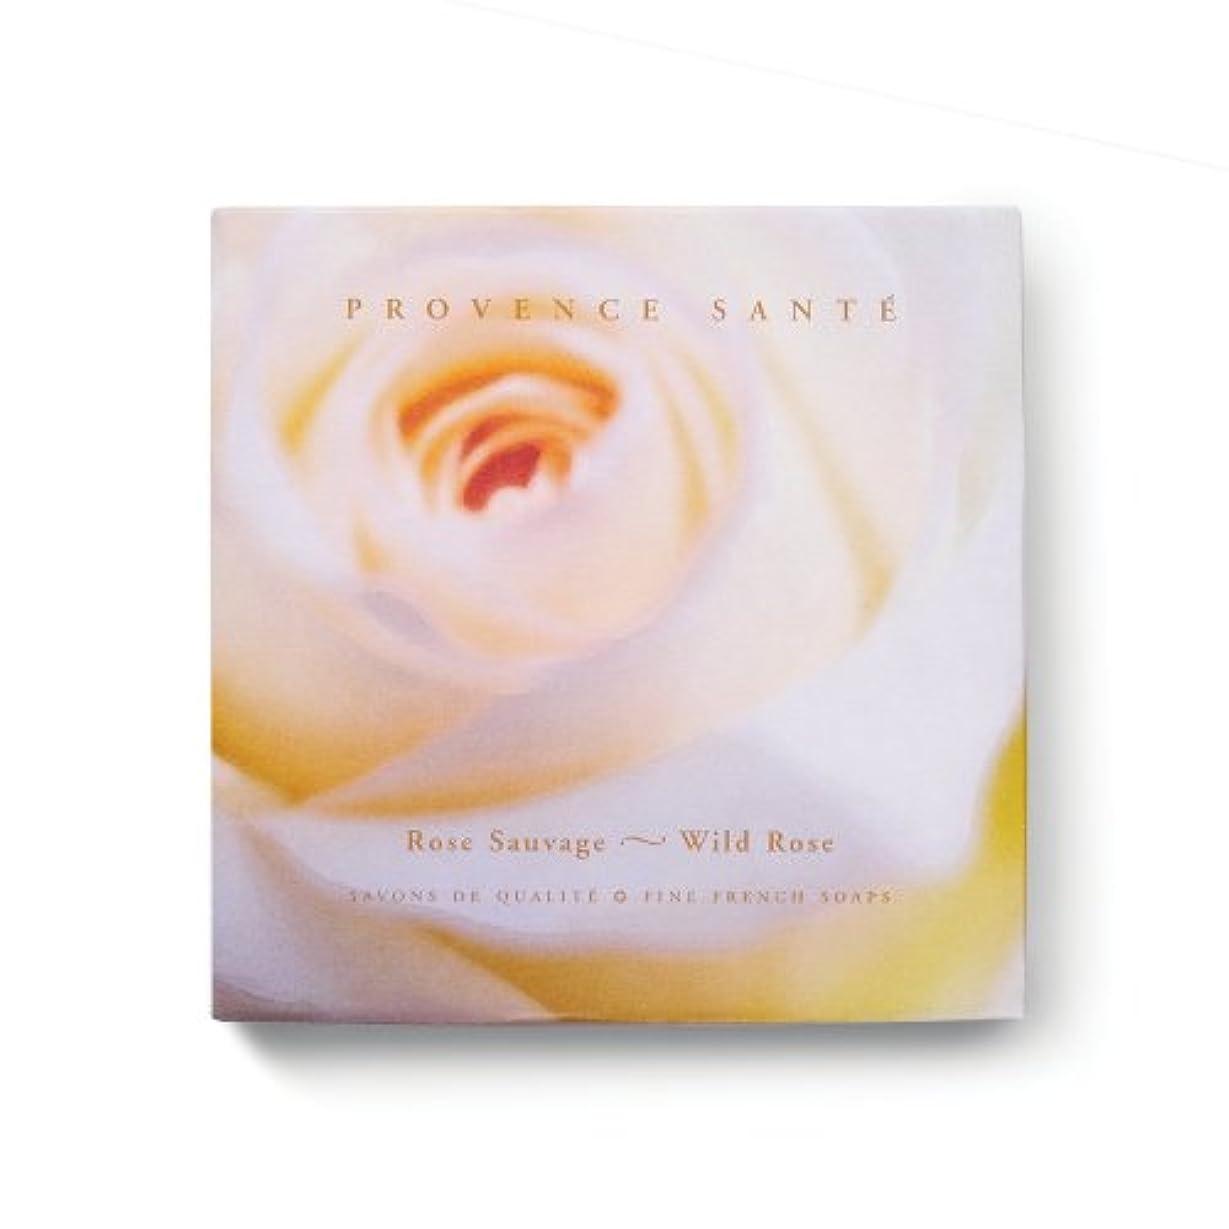 設計個人的にトロリーProvence Sante PS Gift Soap Wild Rose, 2.7oz 4 Bar Gift Box by Provence Sante [並行輸入品]